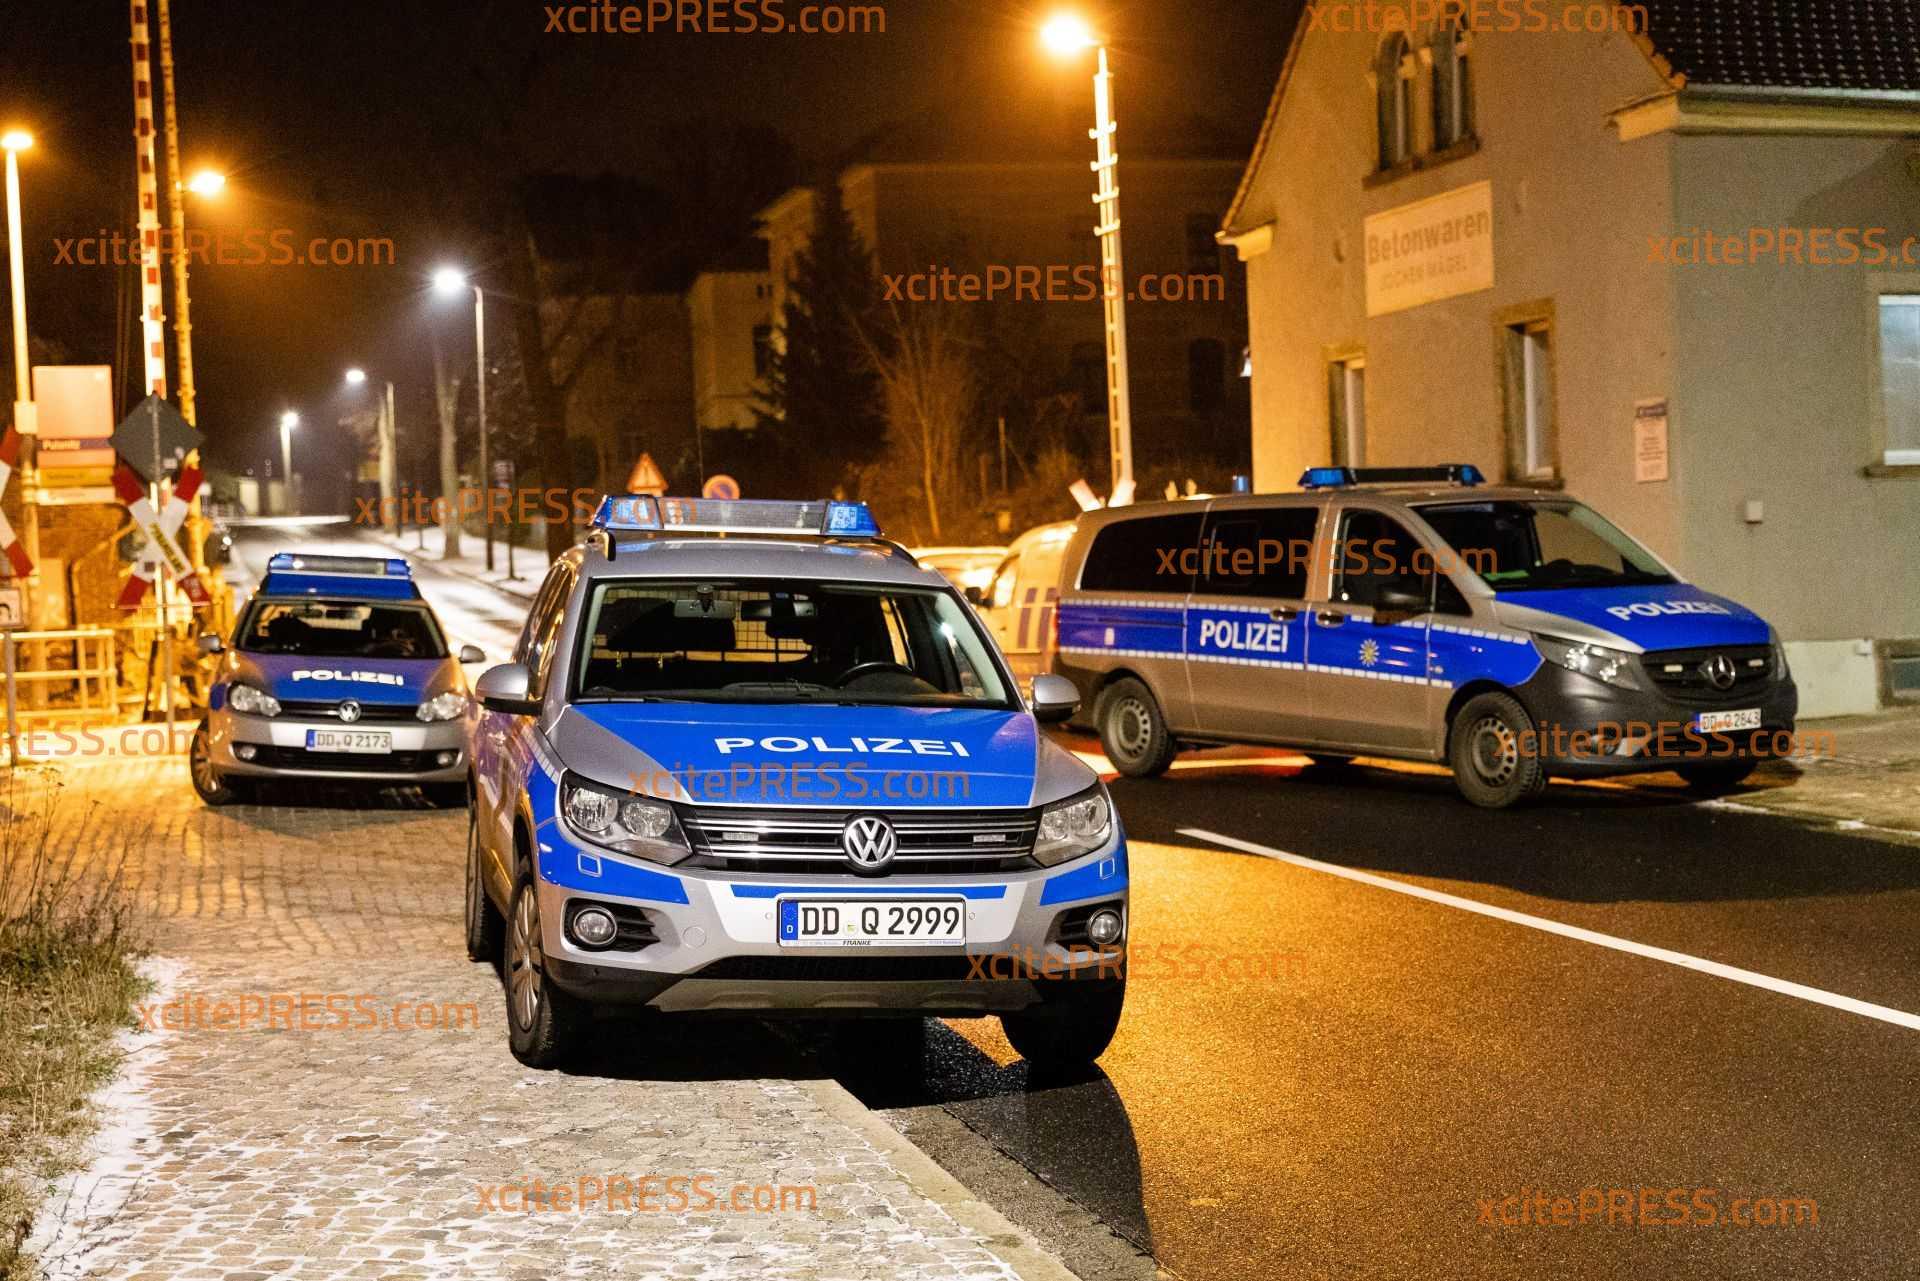 Auffälliges Auto steht beleuchtet auf Grundstück: Aufmerksame Bürger übergeben Slowaken der Polizei